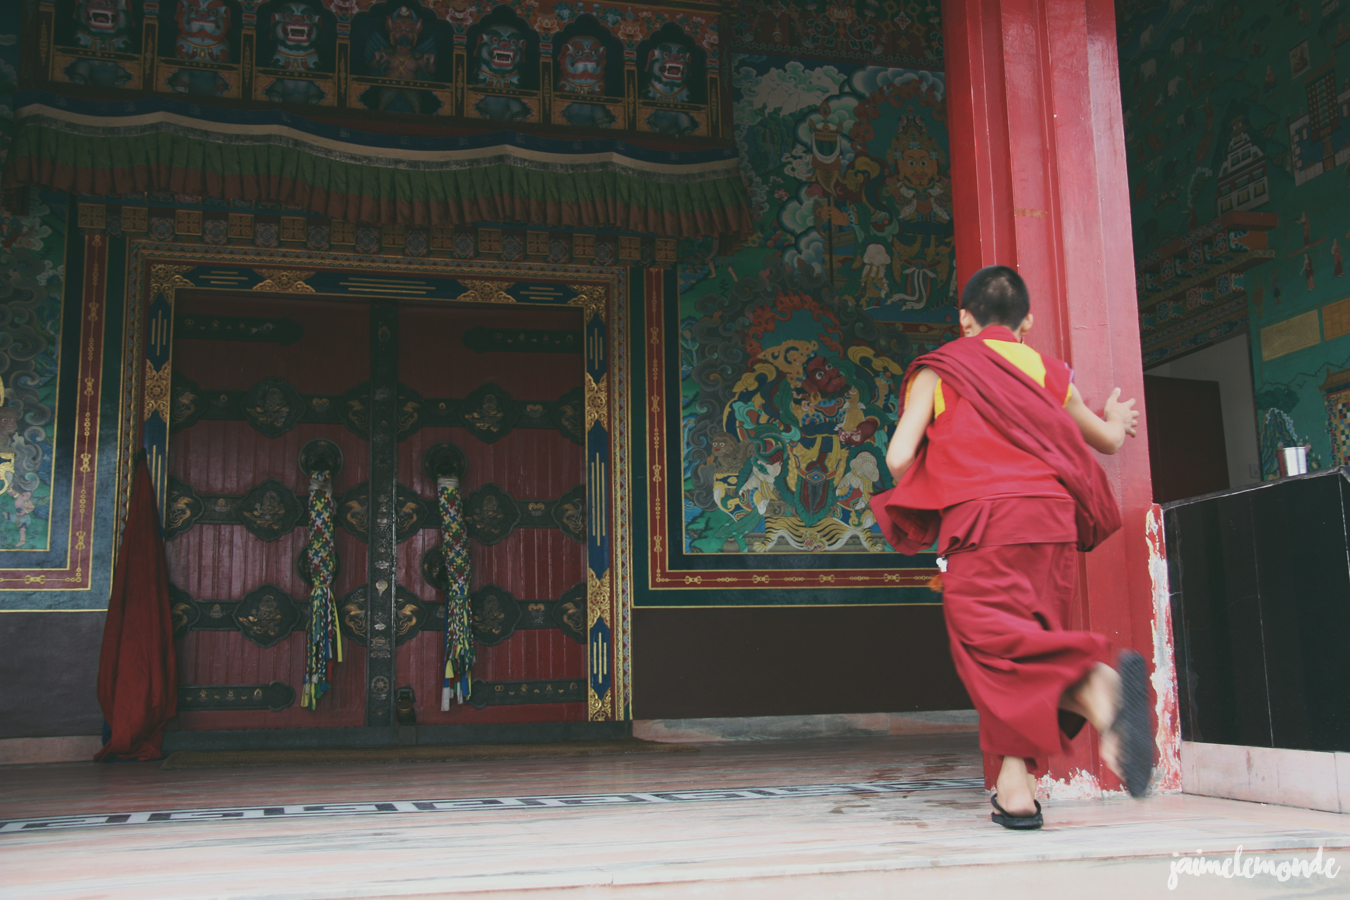 Blog voyage - 50 photos au Népal - ©jaimelemonde (49)